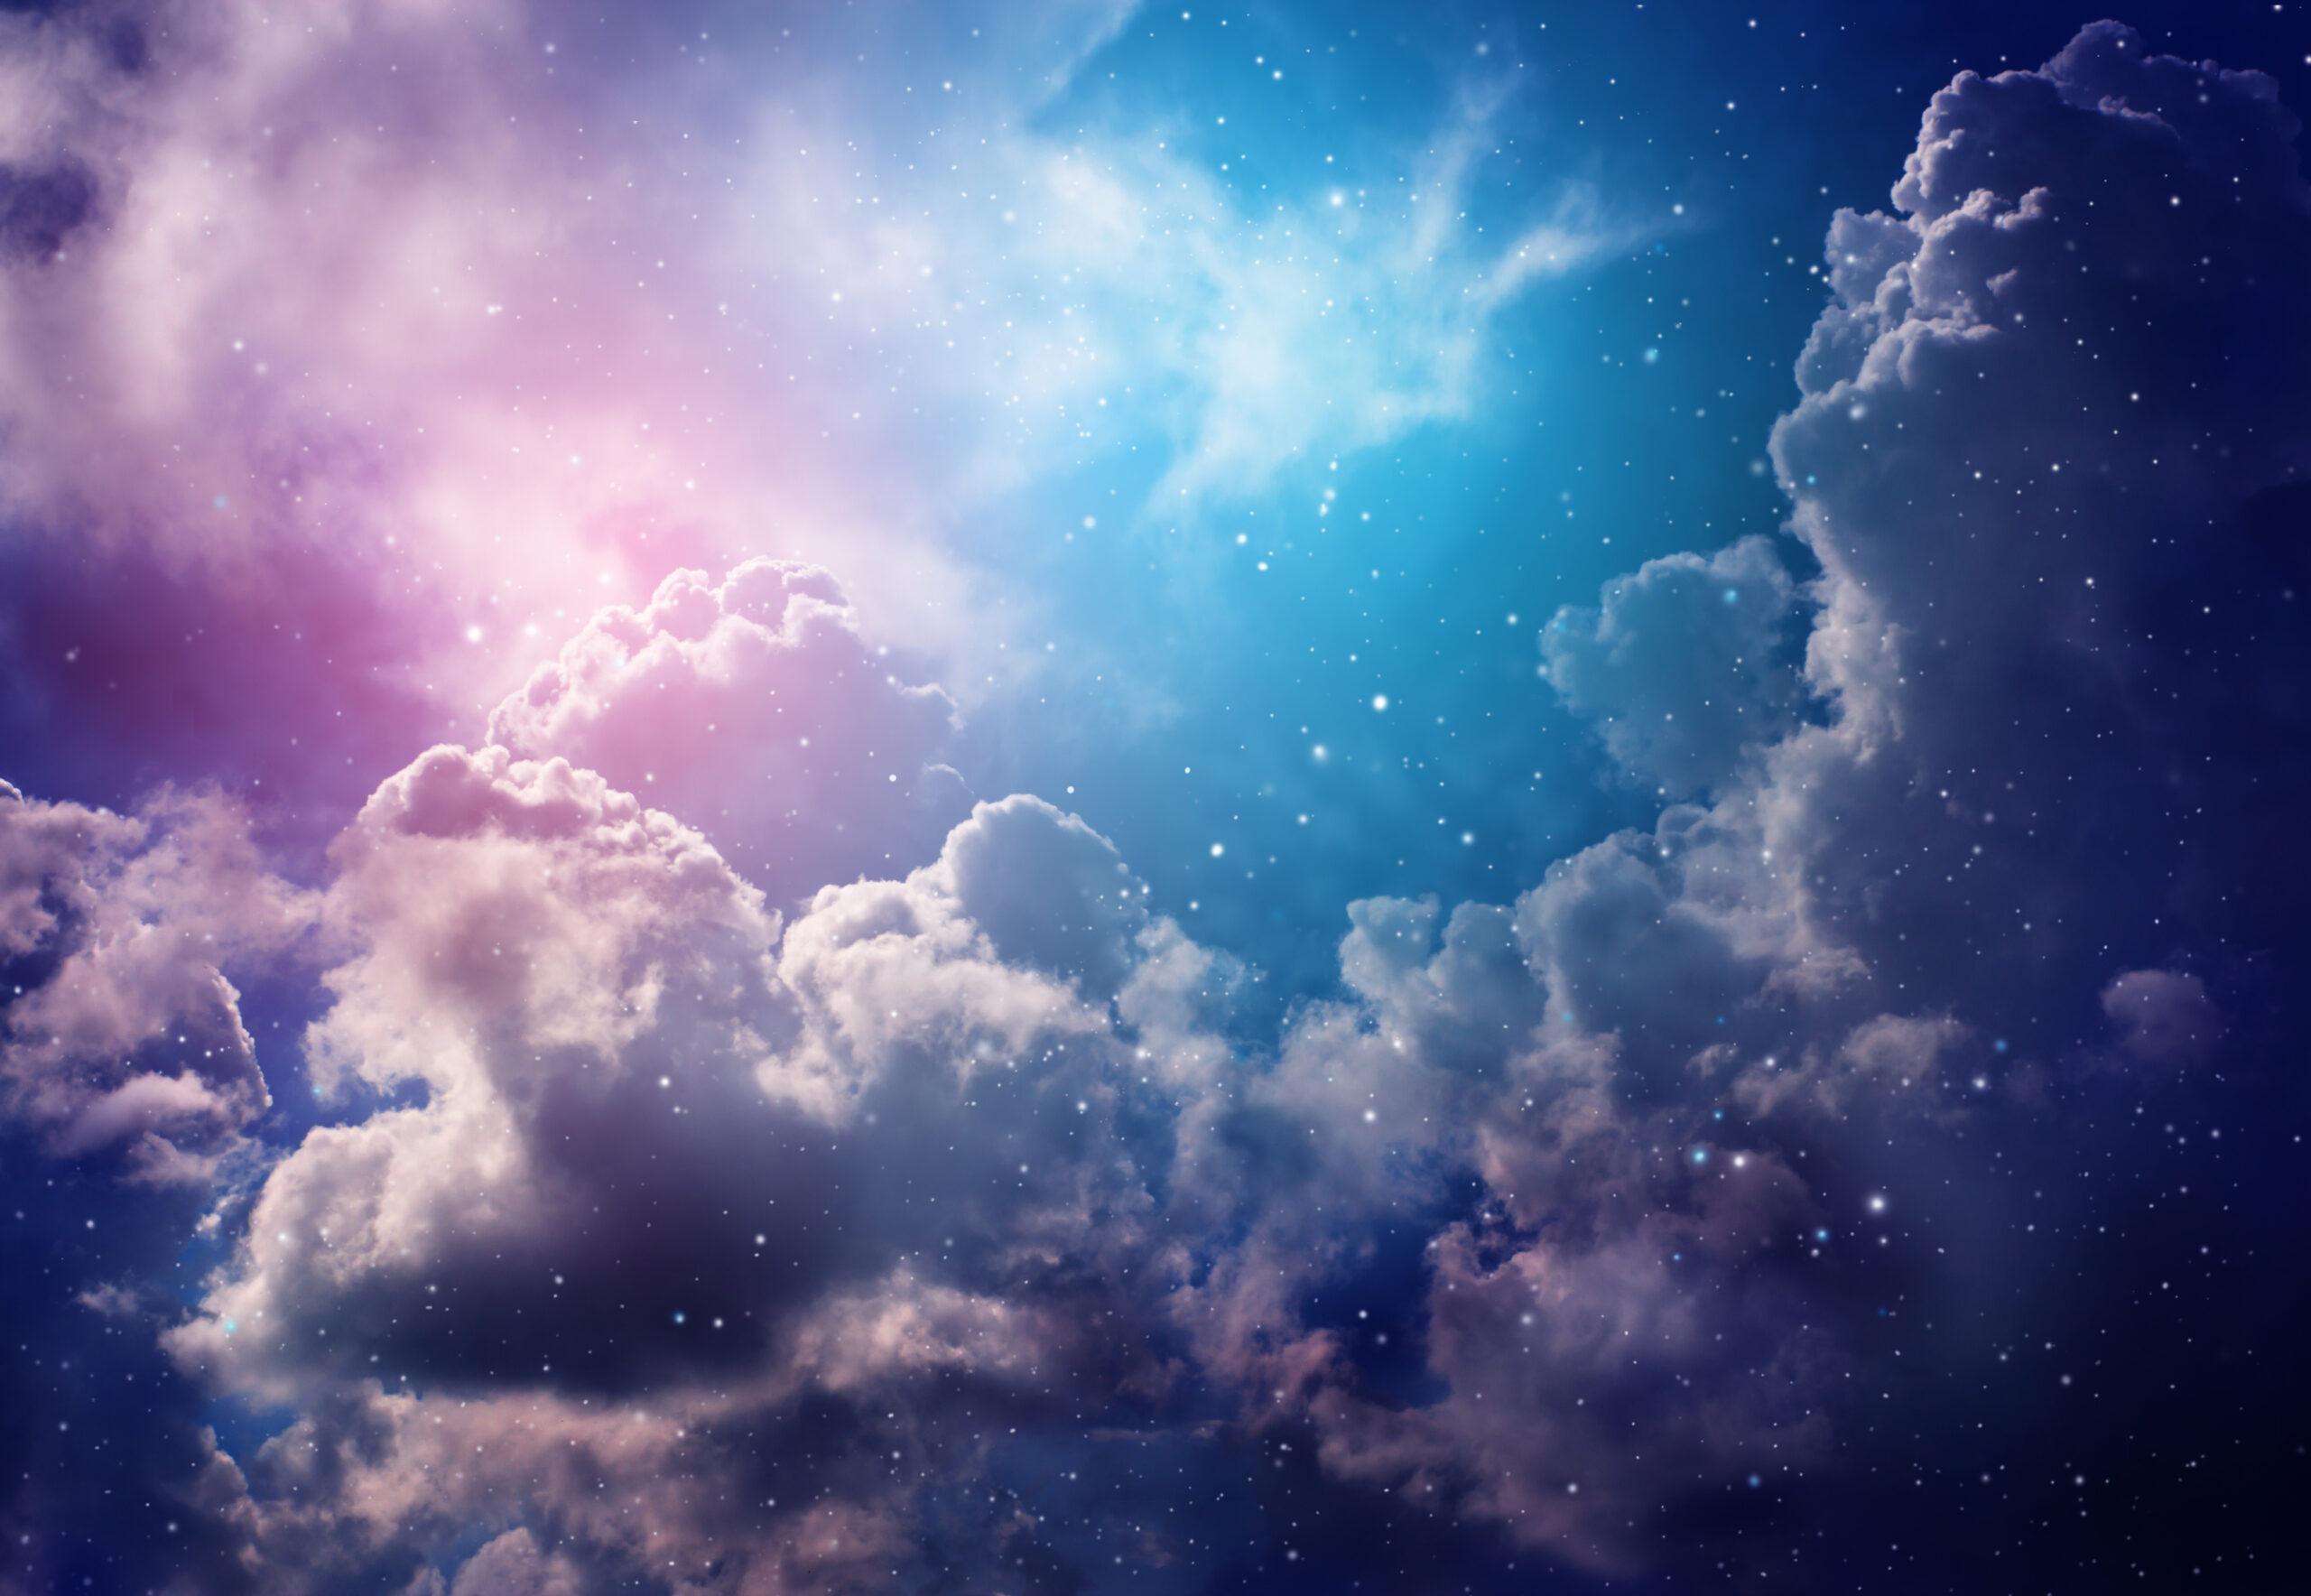 星の輝きや夜空の凛とした美しさをイメージ